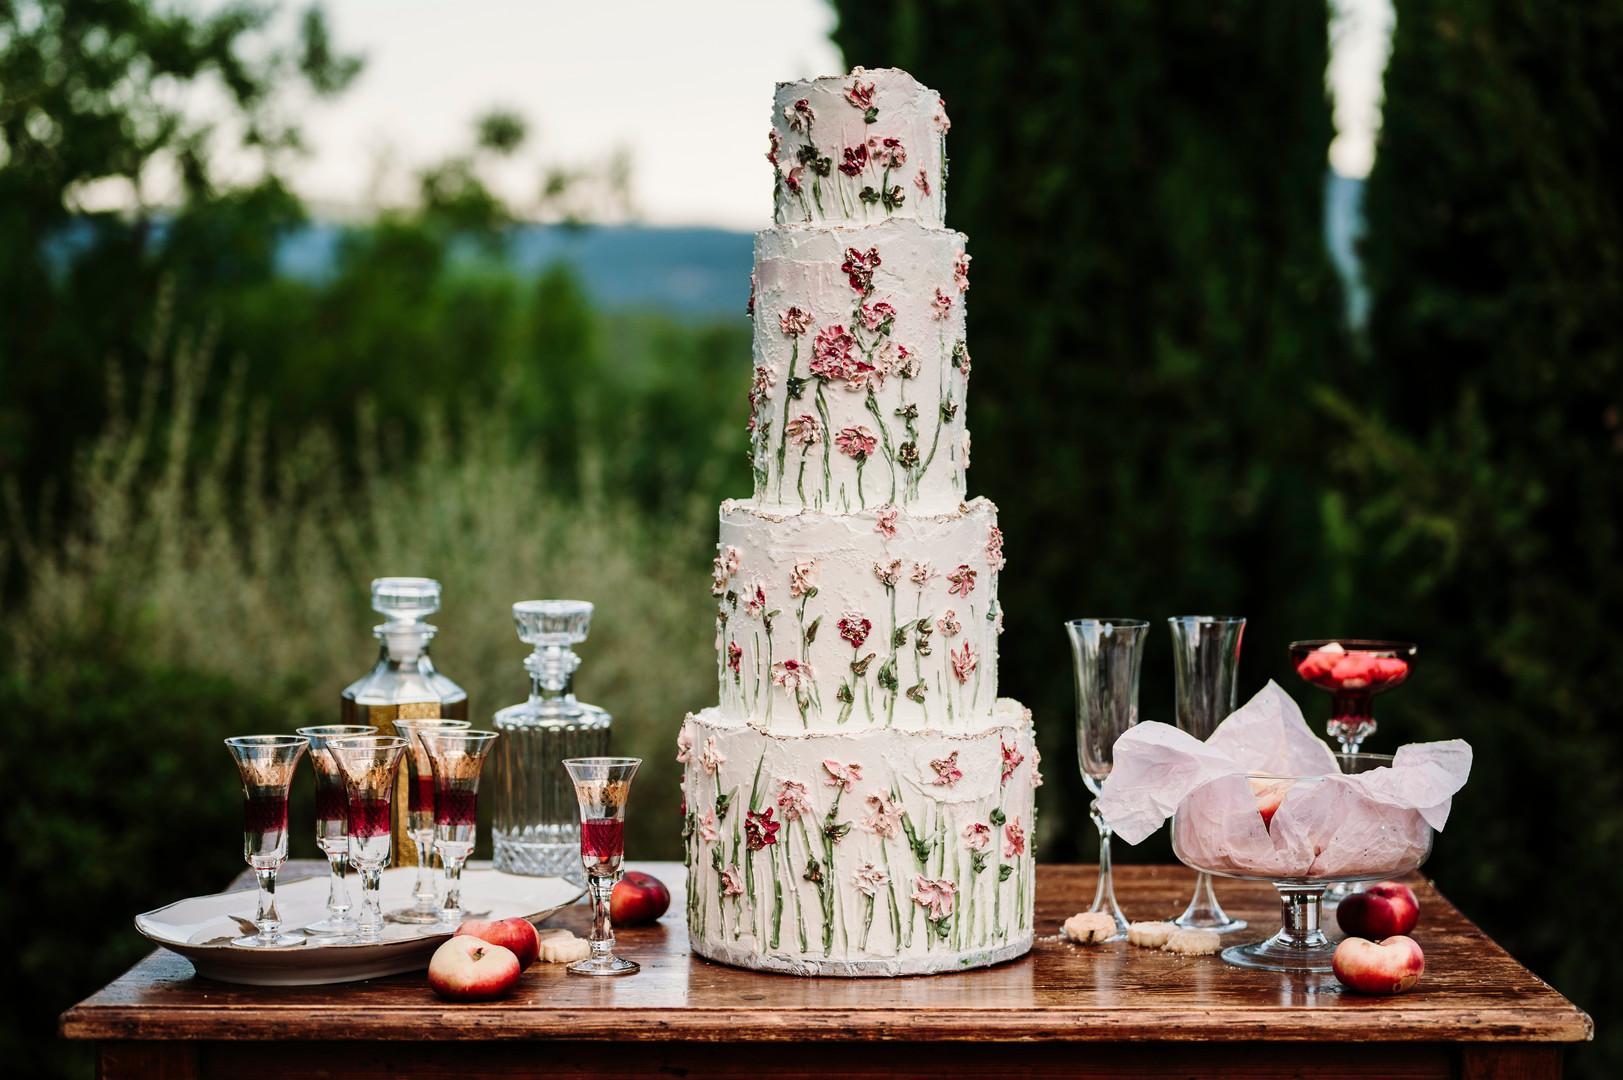 wedding cake - Tuscany.jpg